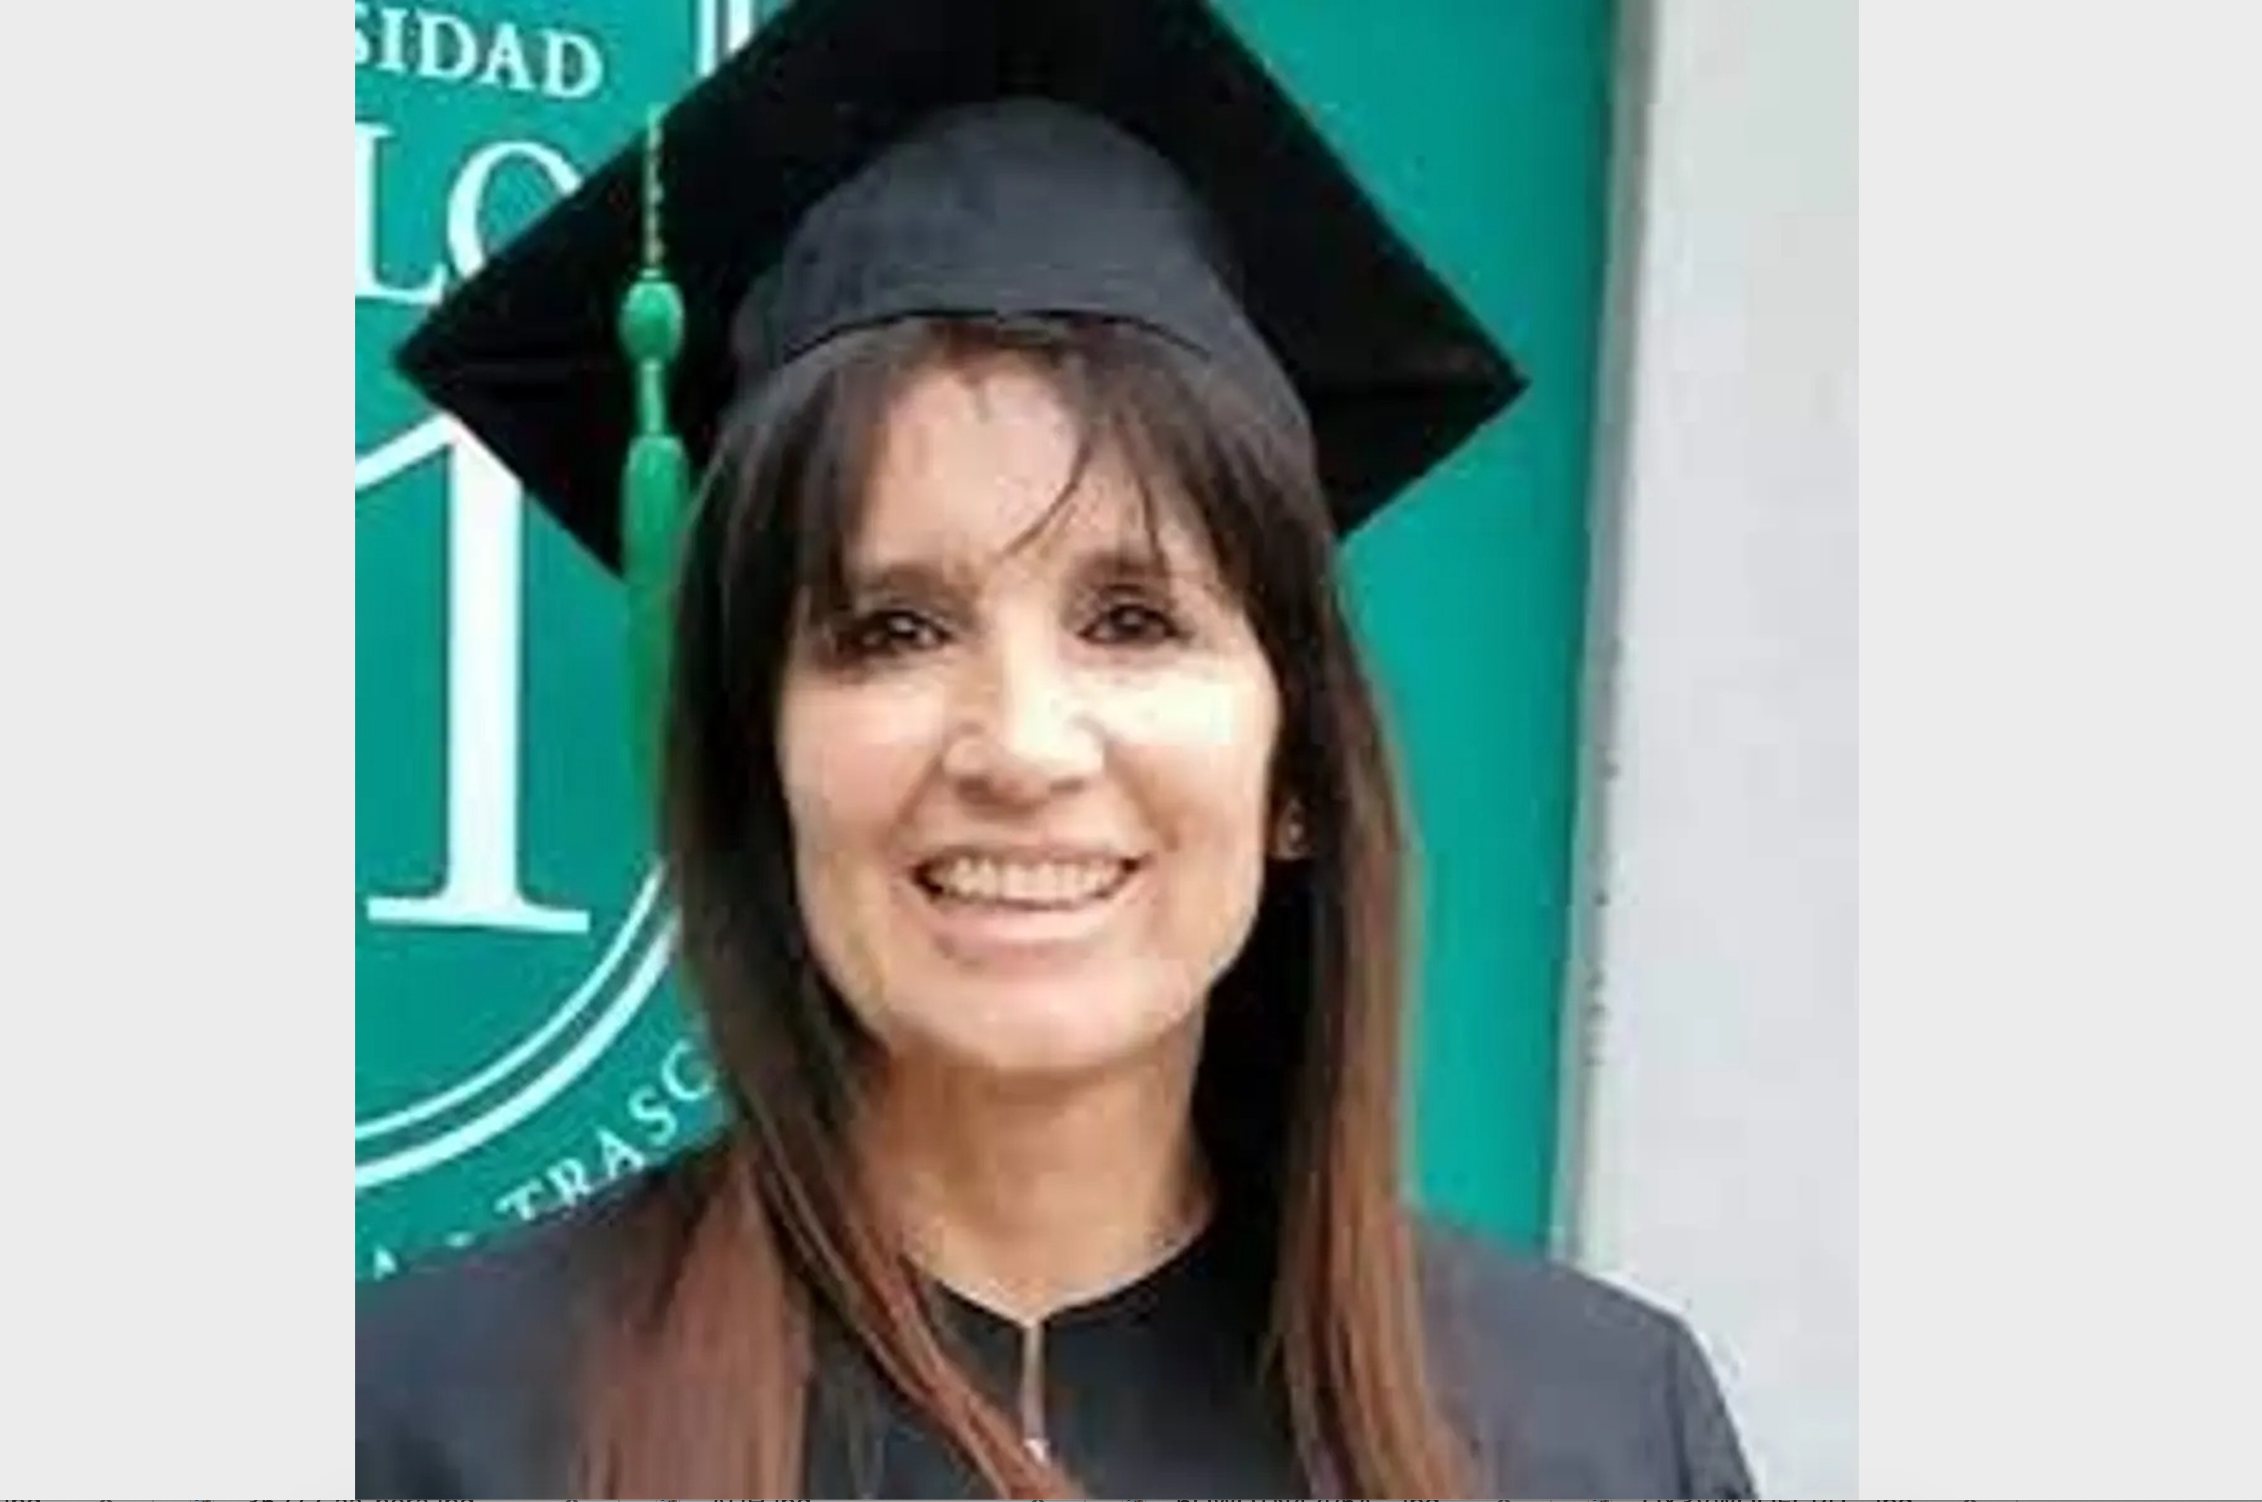 Madre coraje: se recibió de abogada tras el crimen de su hijo y desentrañó una red narco con protección policial